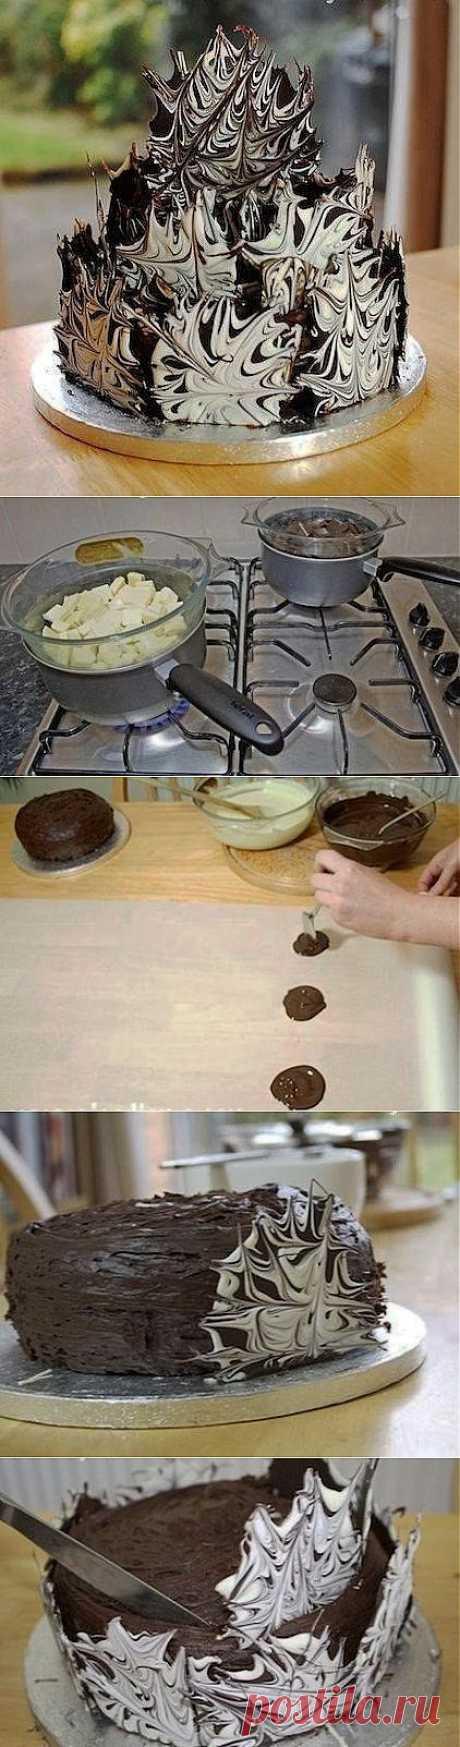 Как красиво украсить тортик шоколадными узорами.